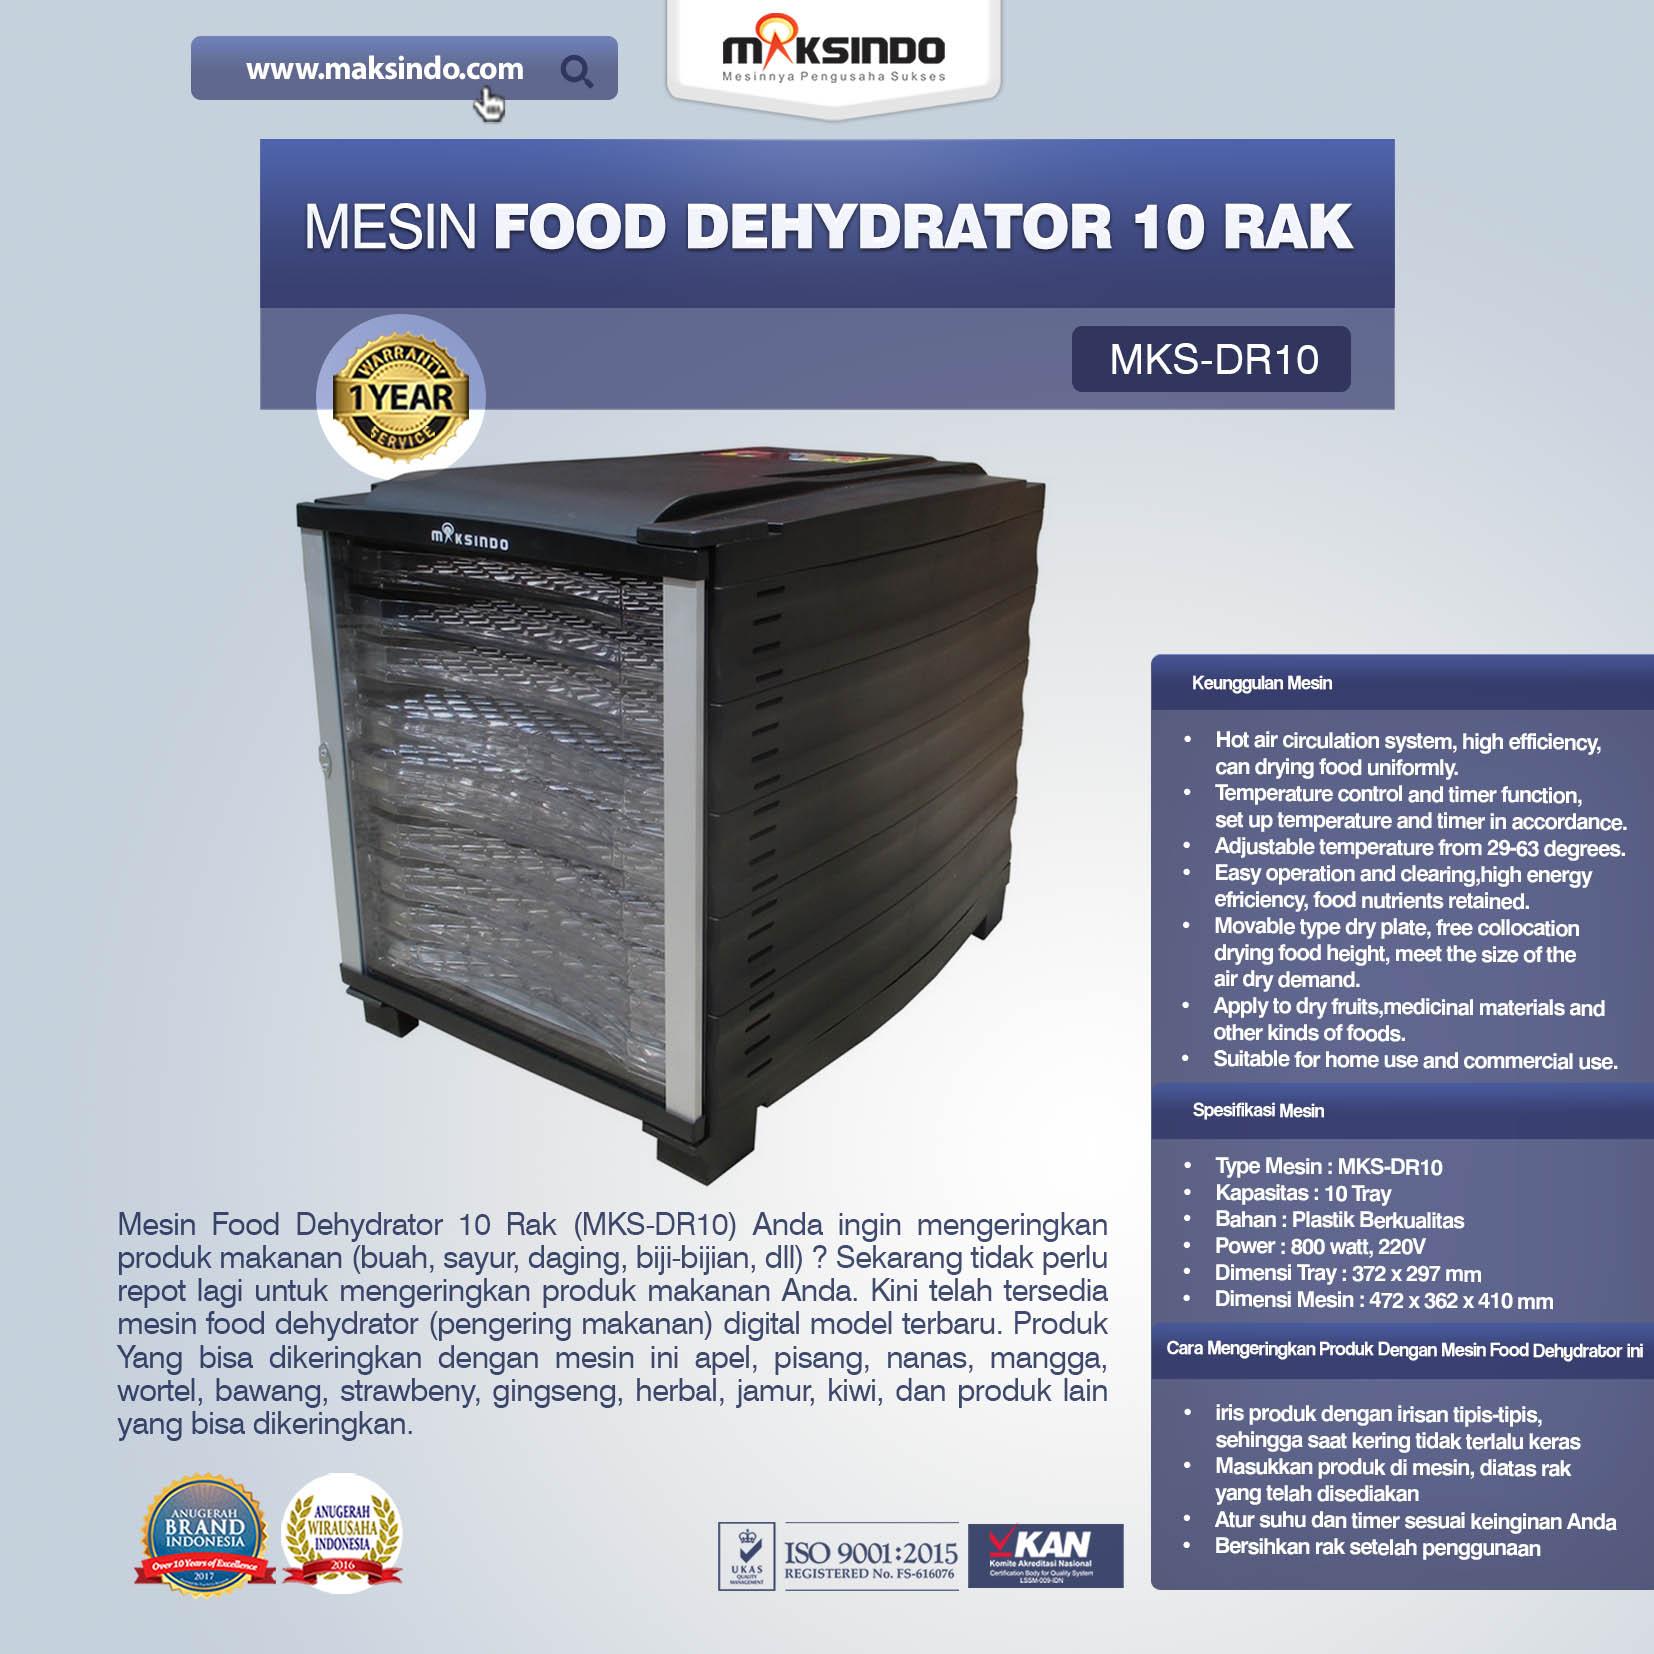 Jual Mesin Food Dehydrator 10 Rak (MKS-DR10) di Palembang